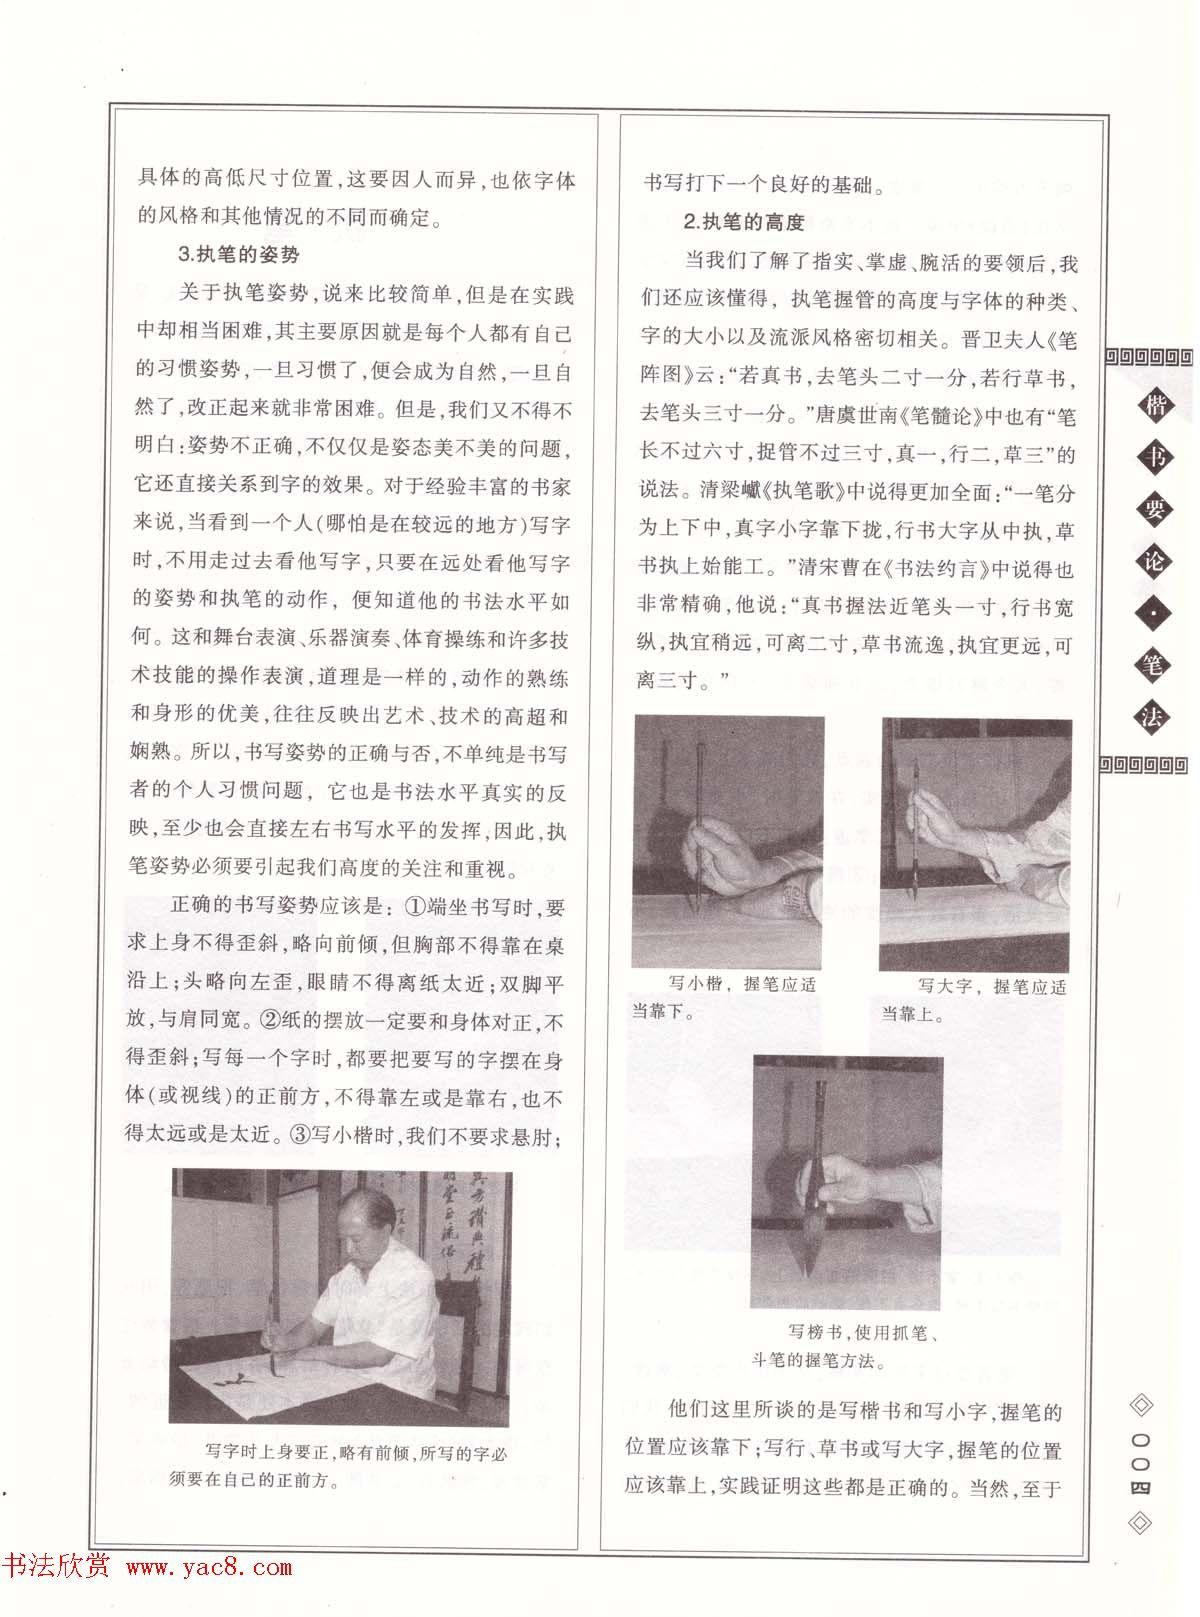 田英章书法专业教程《楷书要论-笔法》修订版